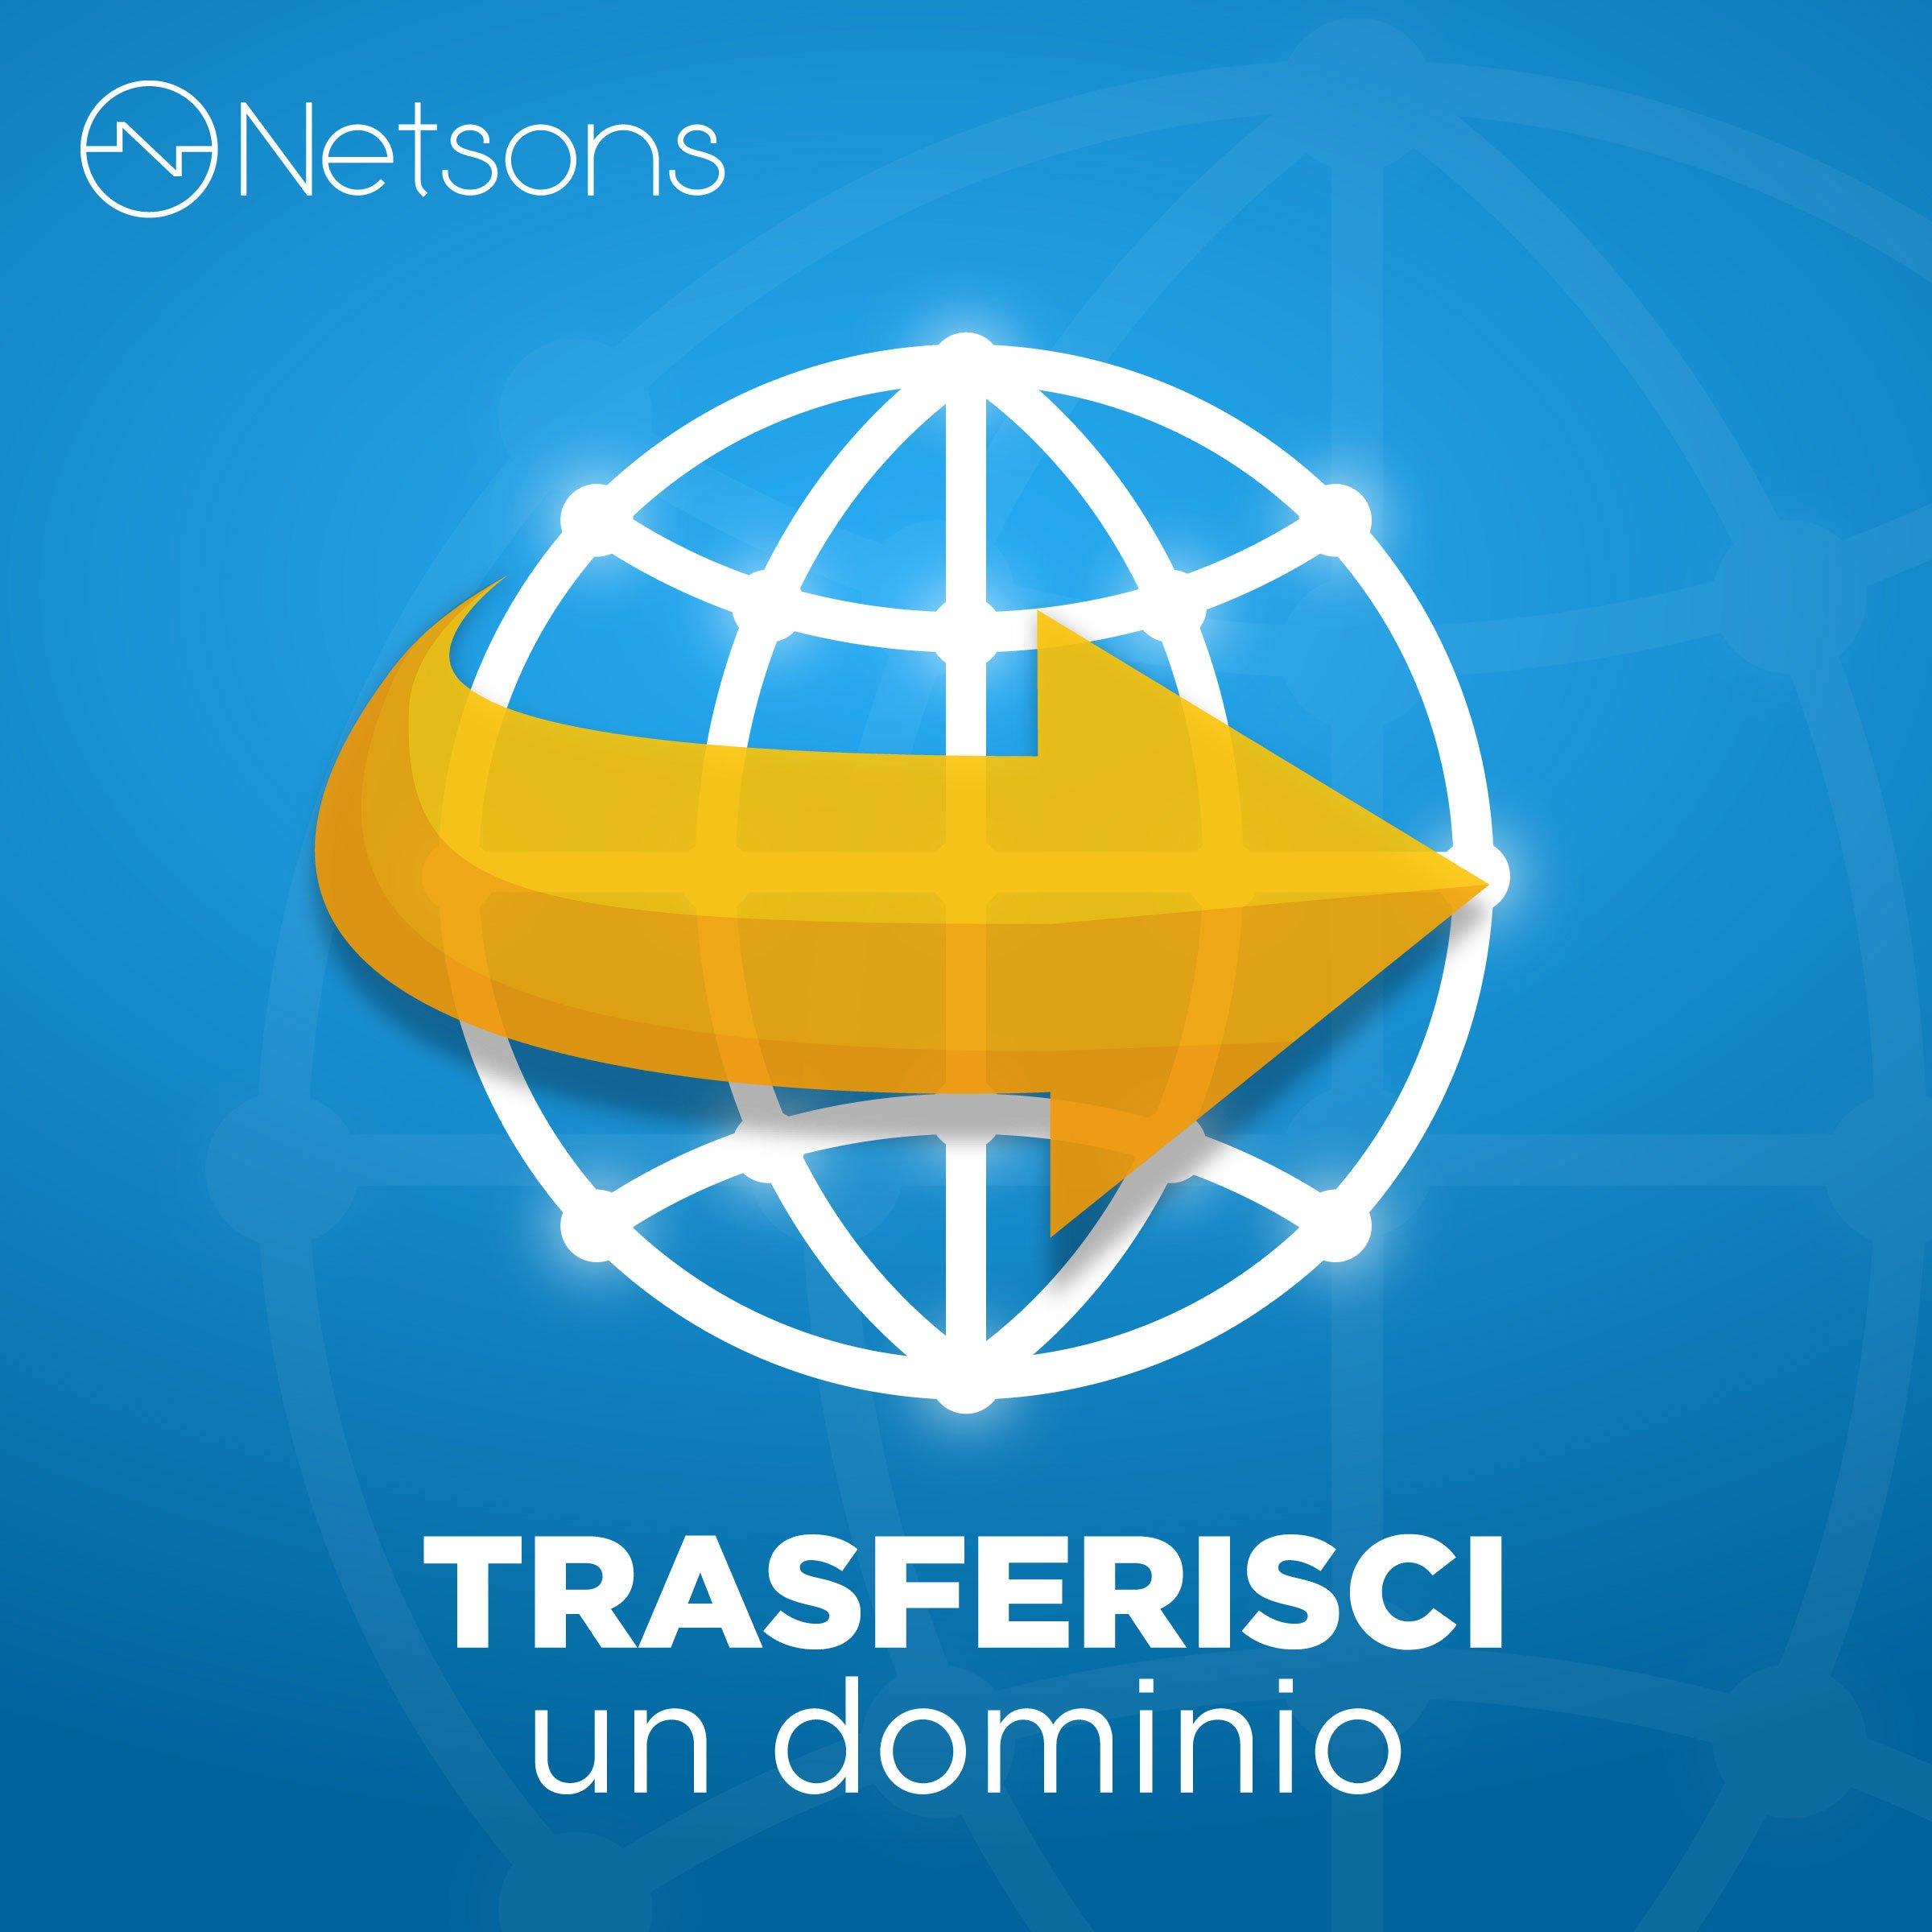 trasferisci dominio cover